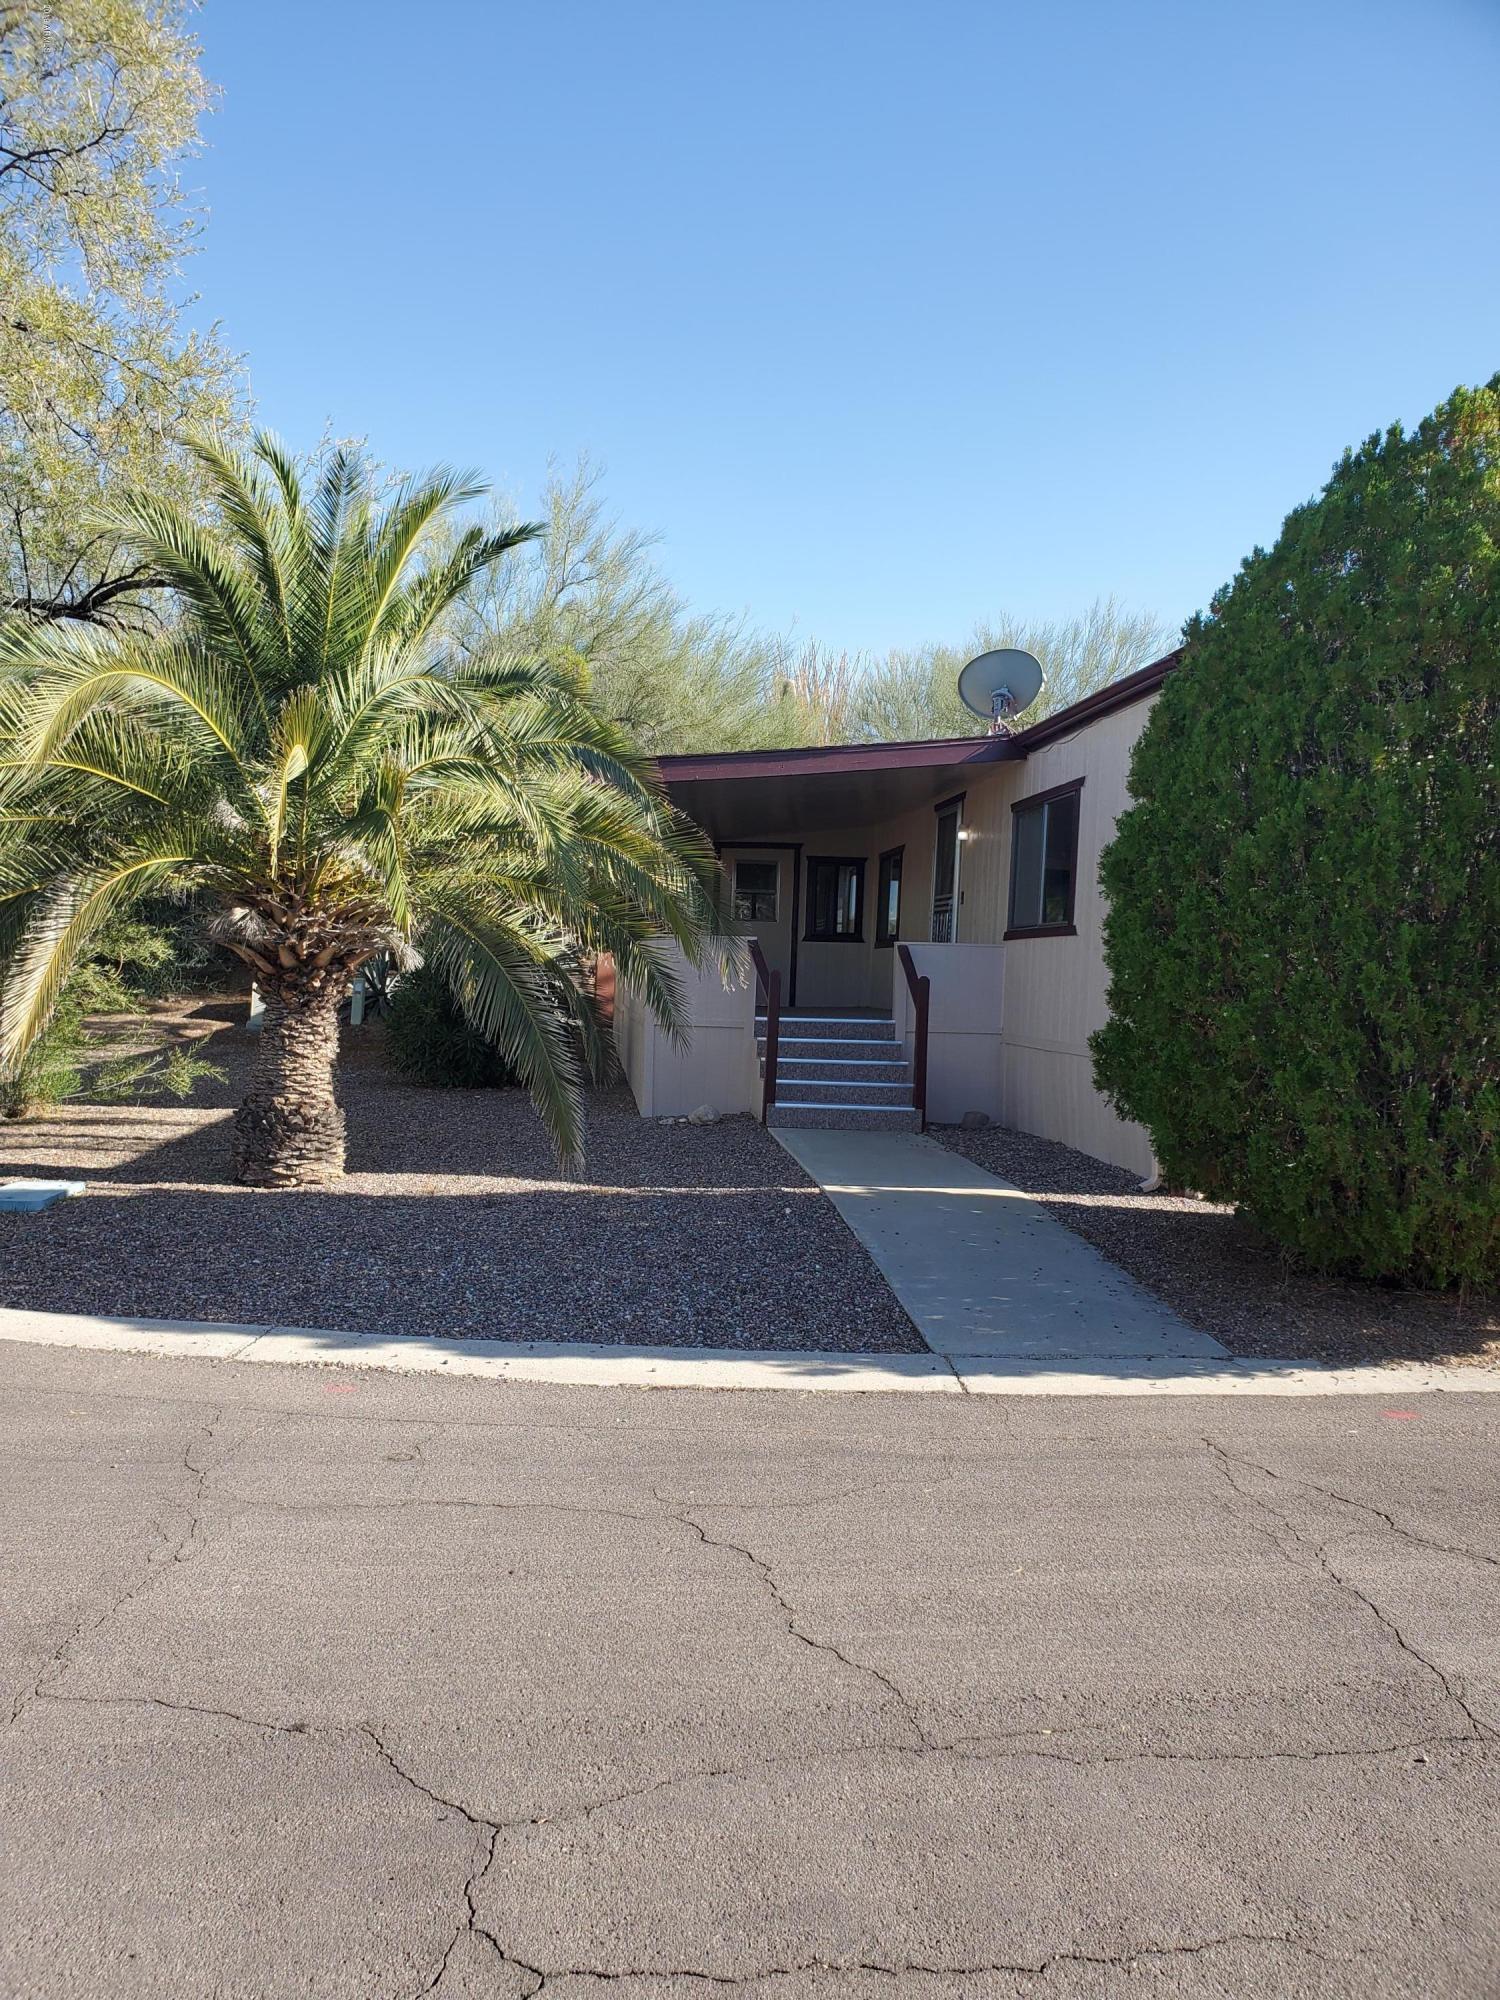 Photo of 2501 W Wickenburg Way #87, Wickenburg, AZ 85390